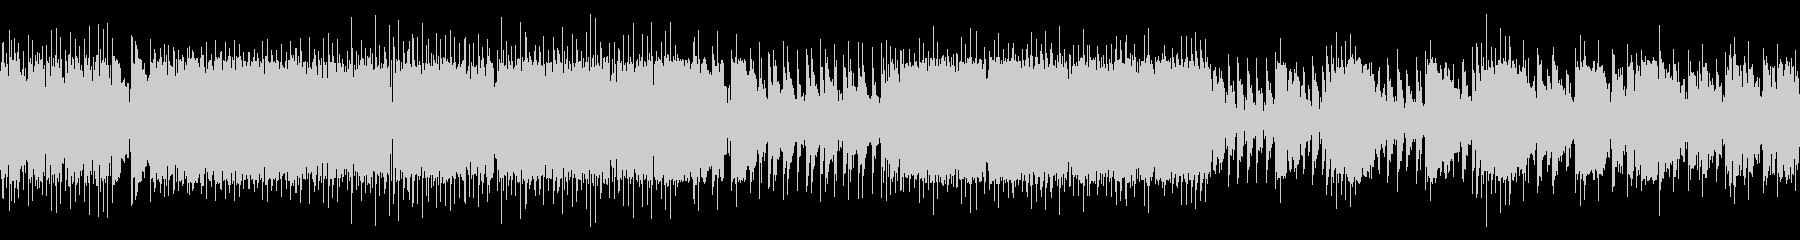 和太鼓/ループ/力強い太鼓の未再生の波形